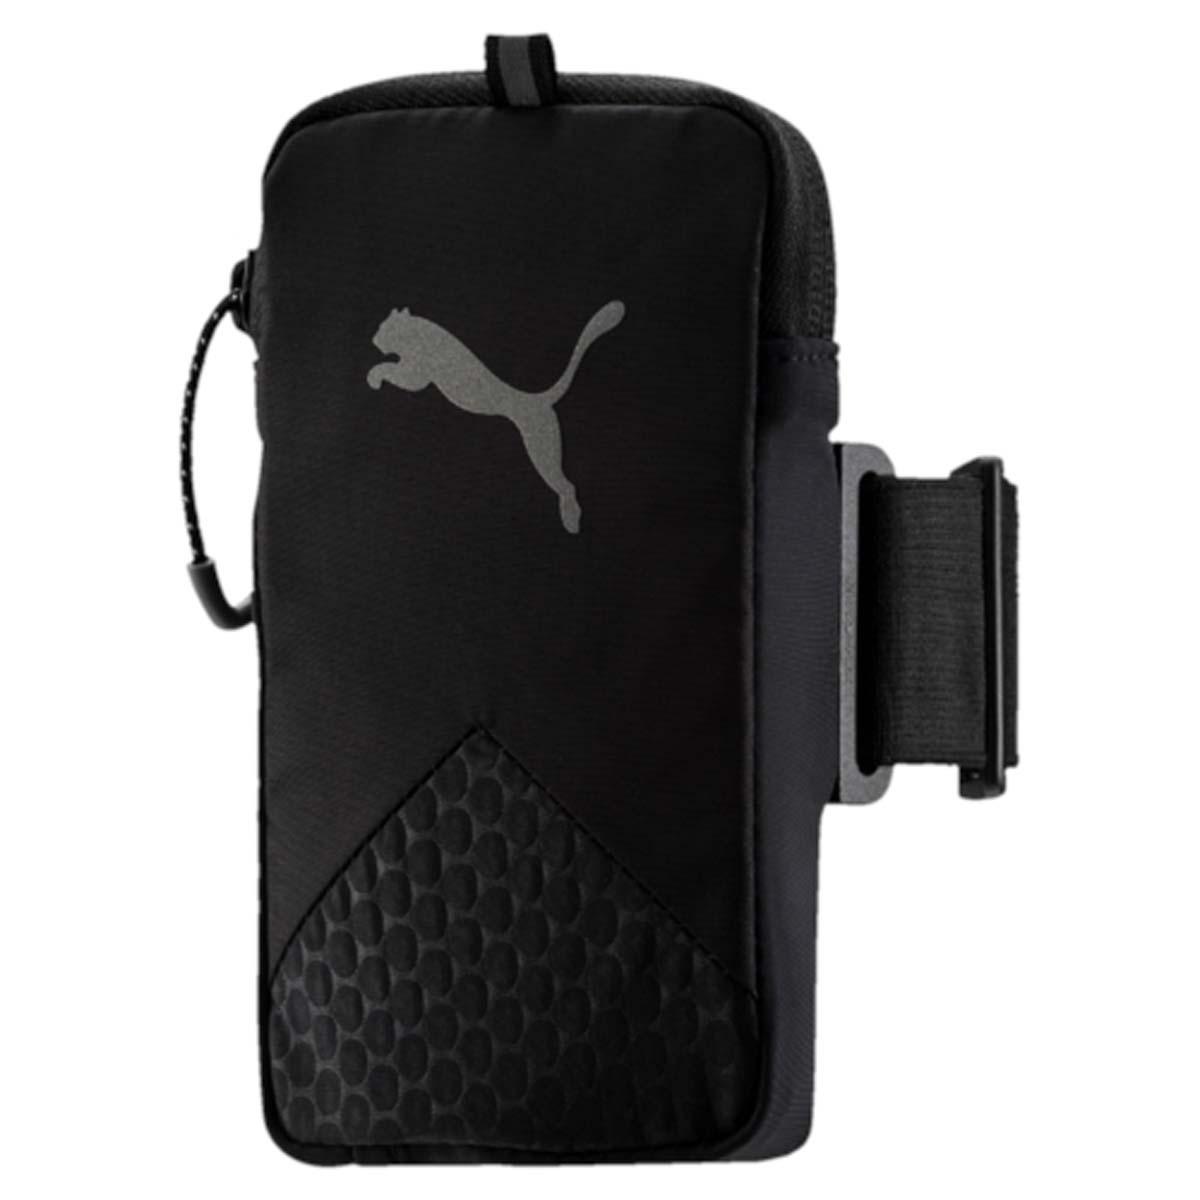 Сумка-чехол для мобильных устройств Puma Pr Arm Pocket, цвет: черный. 0531420105314201Чехол на руку PR Arm Pocket - это незаменимый аксессуар для спортсменов и людей, ведущих активный образ жизни. Изделие предназначено для ношения смартфона. Оно крепится к плечу на эластичном ремне и оснащено специальным выходом для подключения наушников или гарнитуры. Подходит для электронных устройств размером 8 см x 14 см. Основное отделение на застежке-молнии. У модели сетчатая вставка на задней части, выход для аудио-кабеля, светоотражающие шнурки на застежках-молниях, светоотражающий логотип бренда.